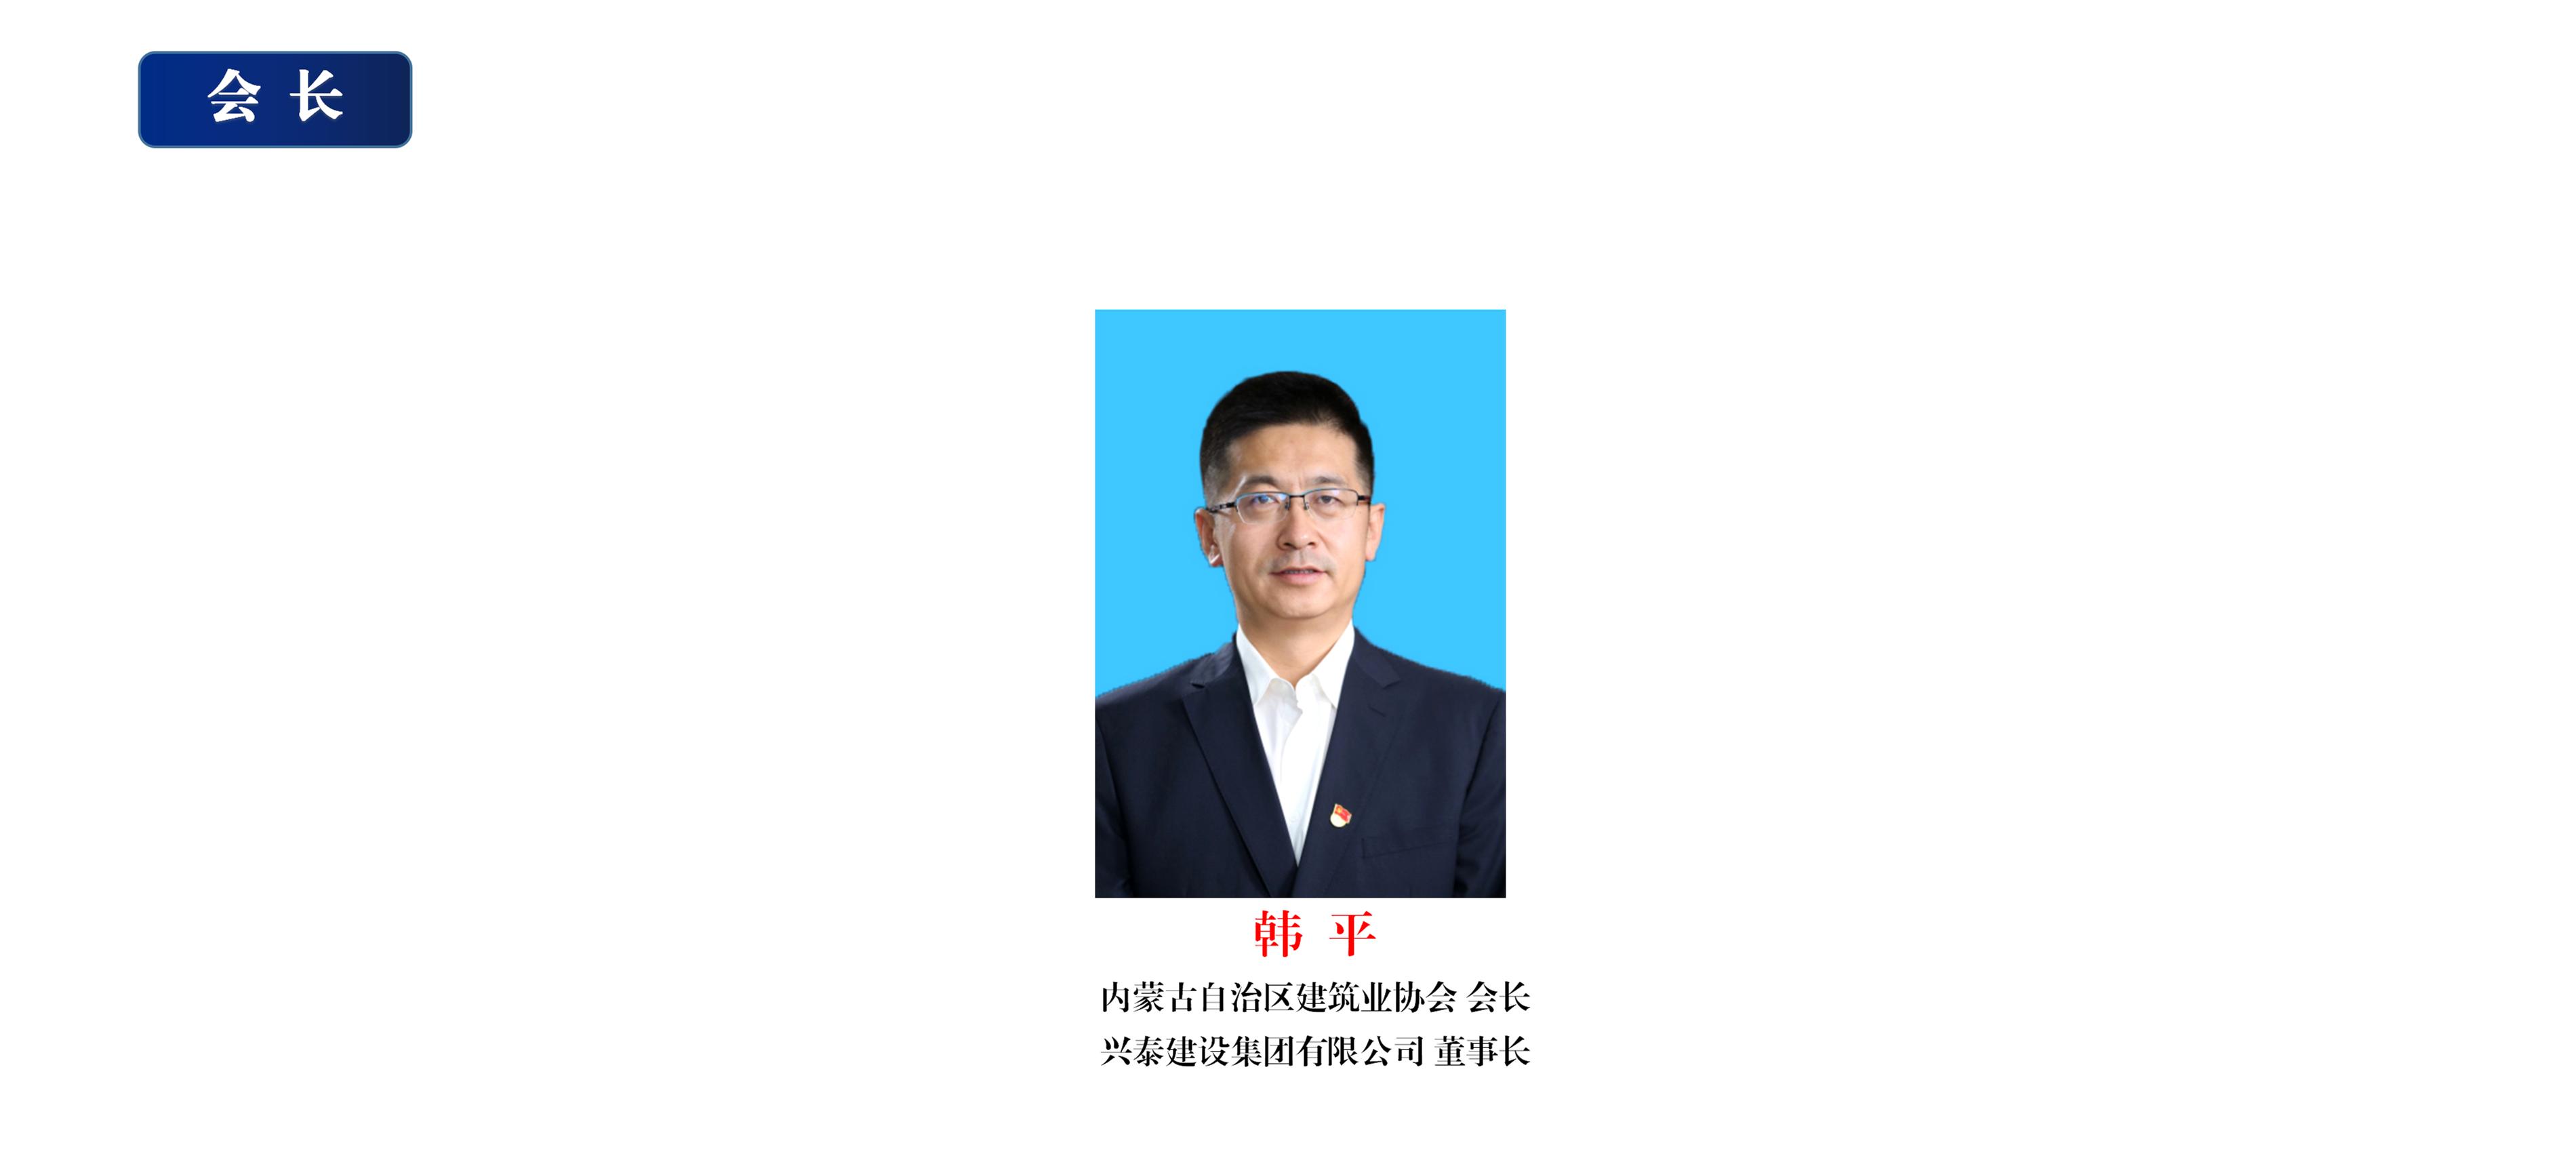 协会领导图_01.png